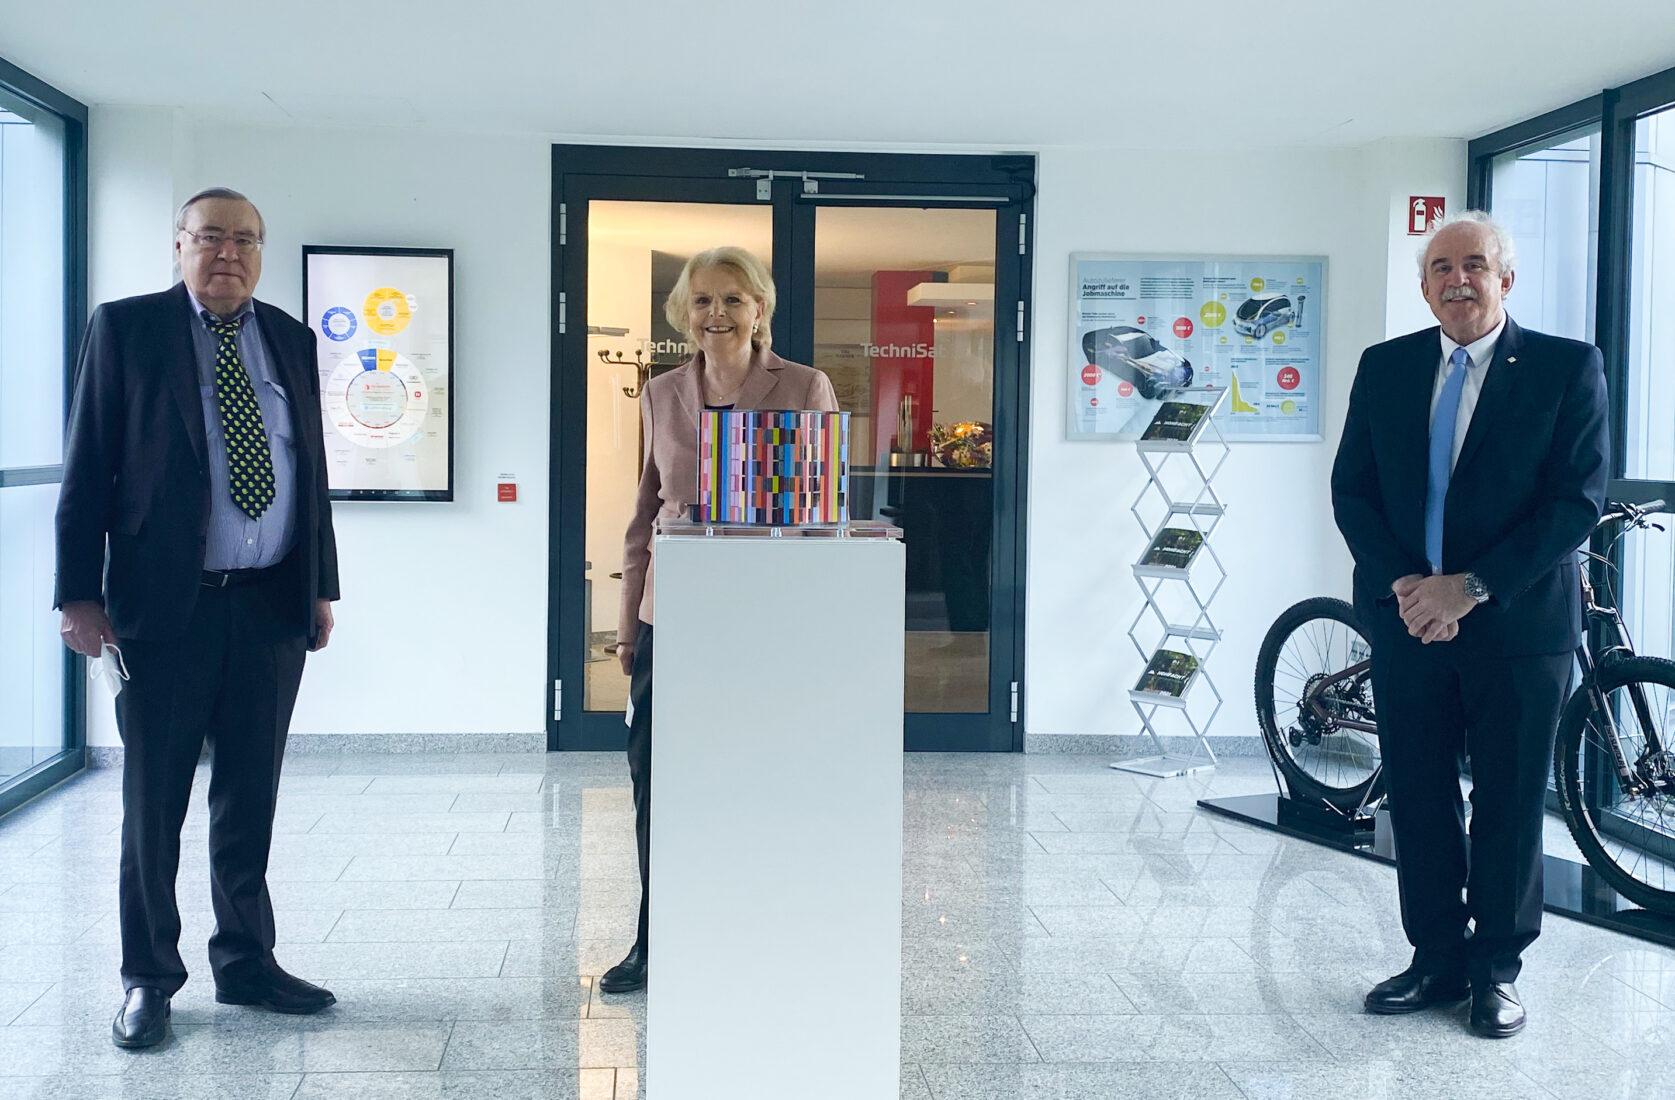 Bürgermeister Daun trifft Herrn Peter Lepper und Frau Lepper bezüglich der Junior Uni in Daun